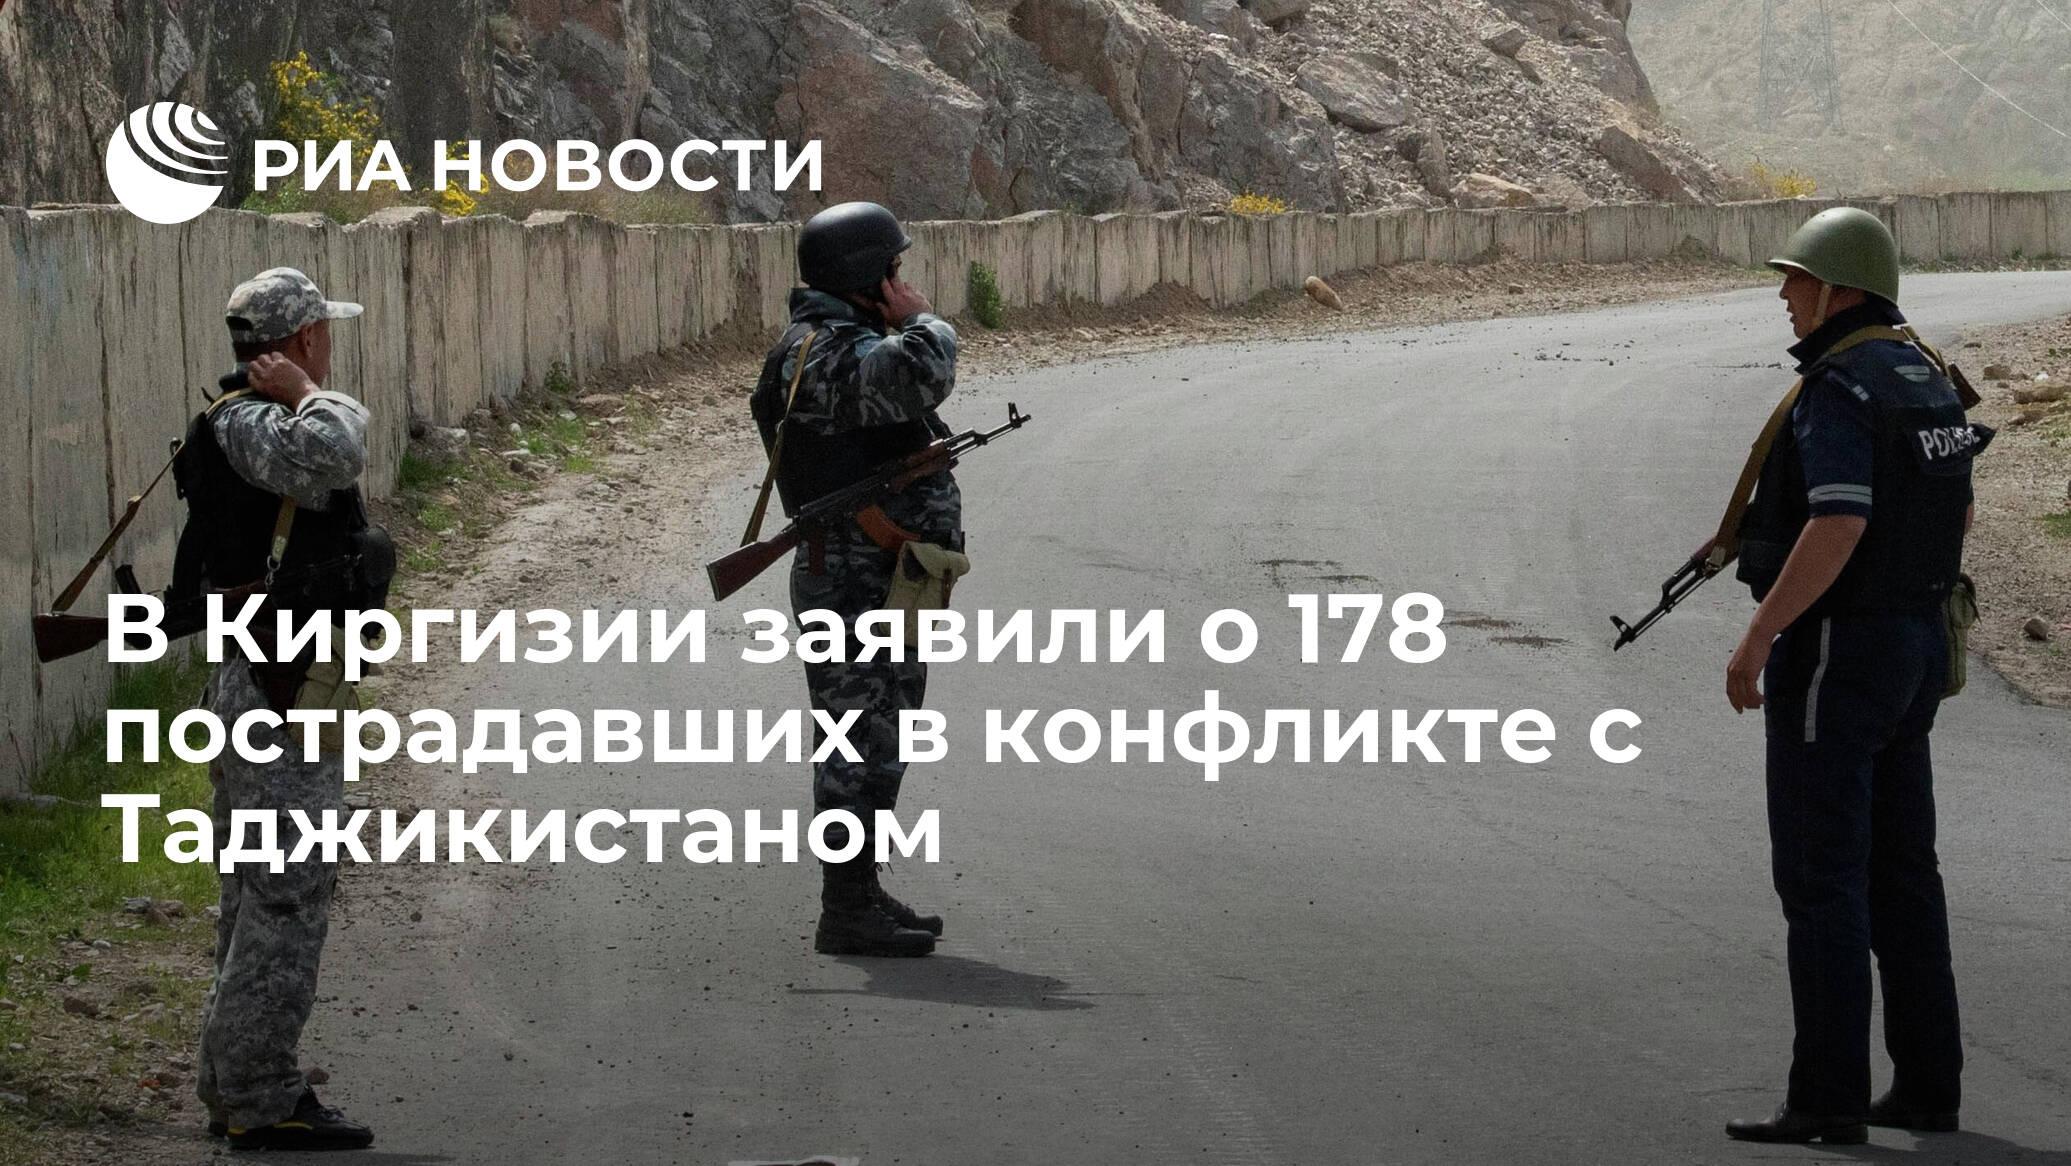 В Киргизии заявили о 178 пострадавших в конфликте с Таджикистаном